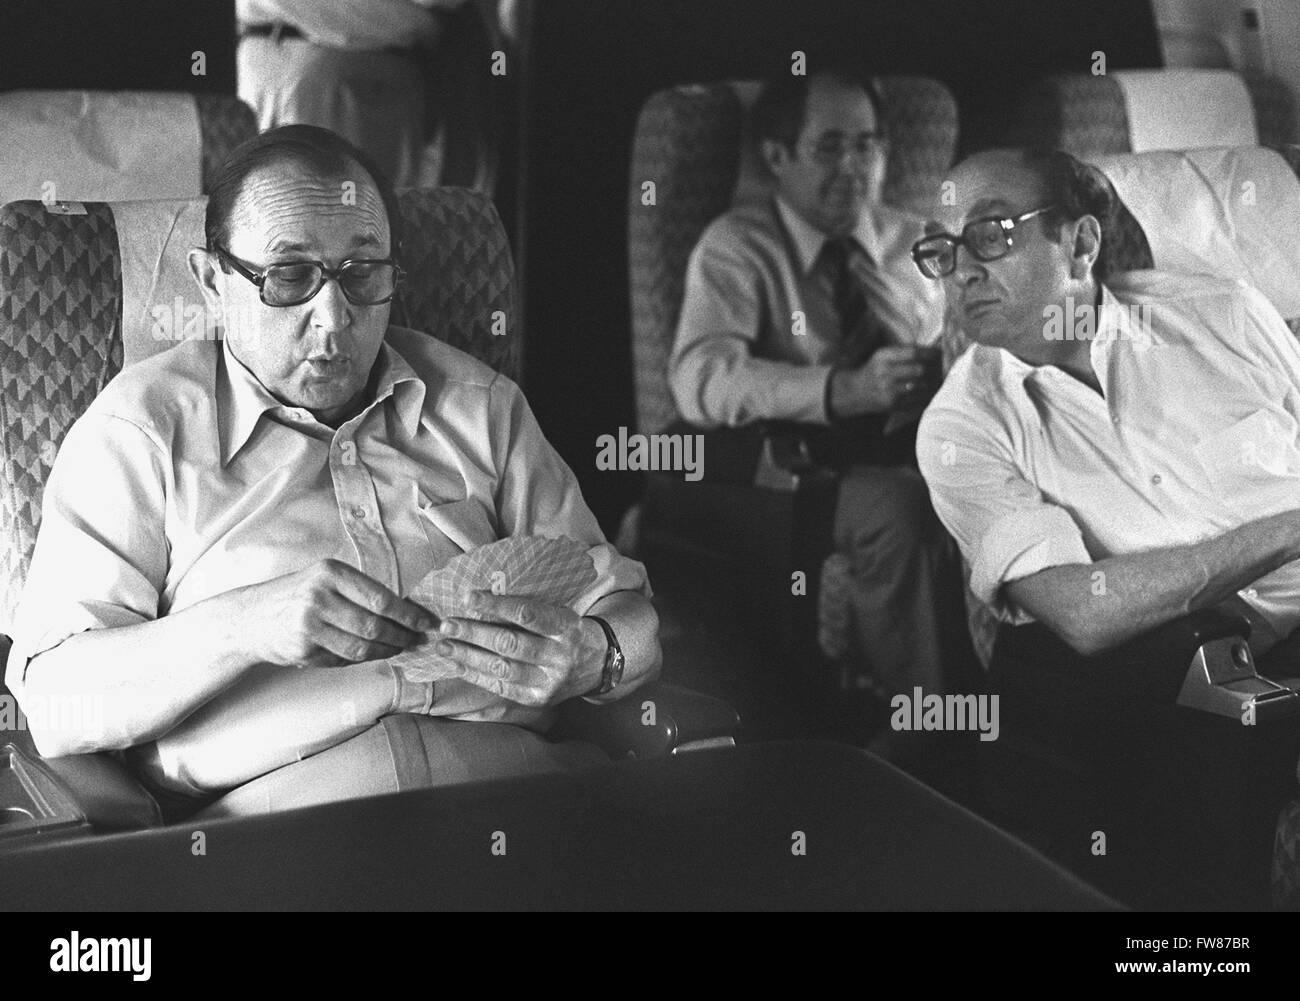 Le ministre des affaires étrangères allemand Hans-Dietrich Genscher et ministre de l'économie Otto Graf Lambsdorff (FDP) jouer aux cartes pendant leur vol vers Tokyo le 26 juin 1979. Banque D'Images